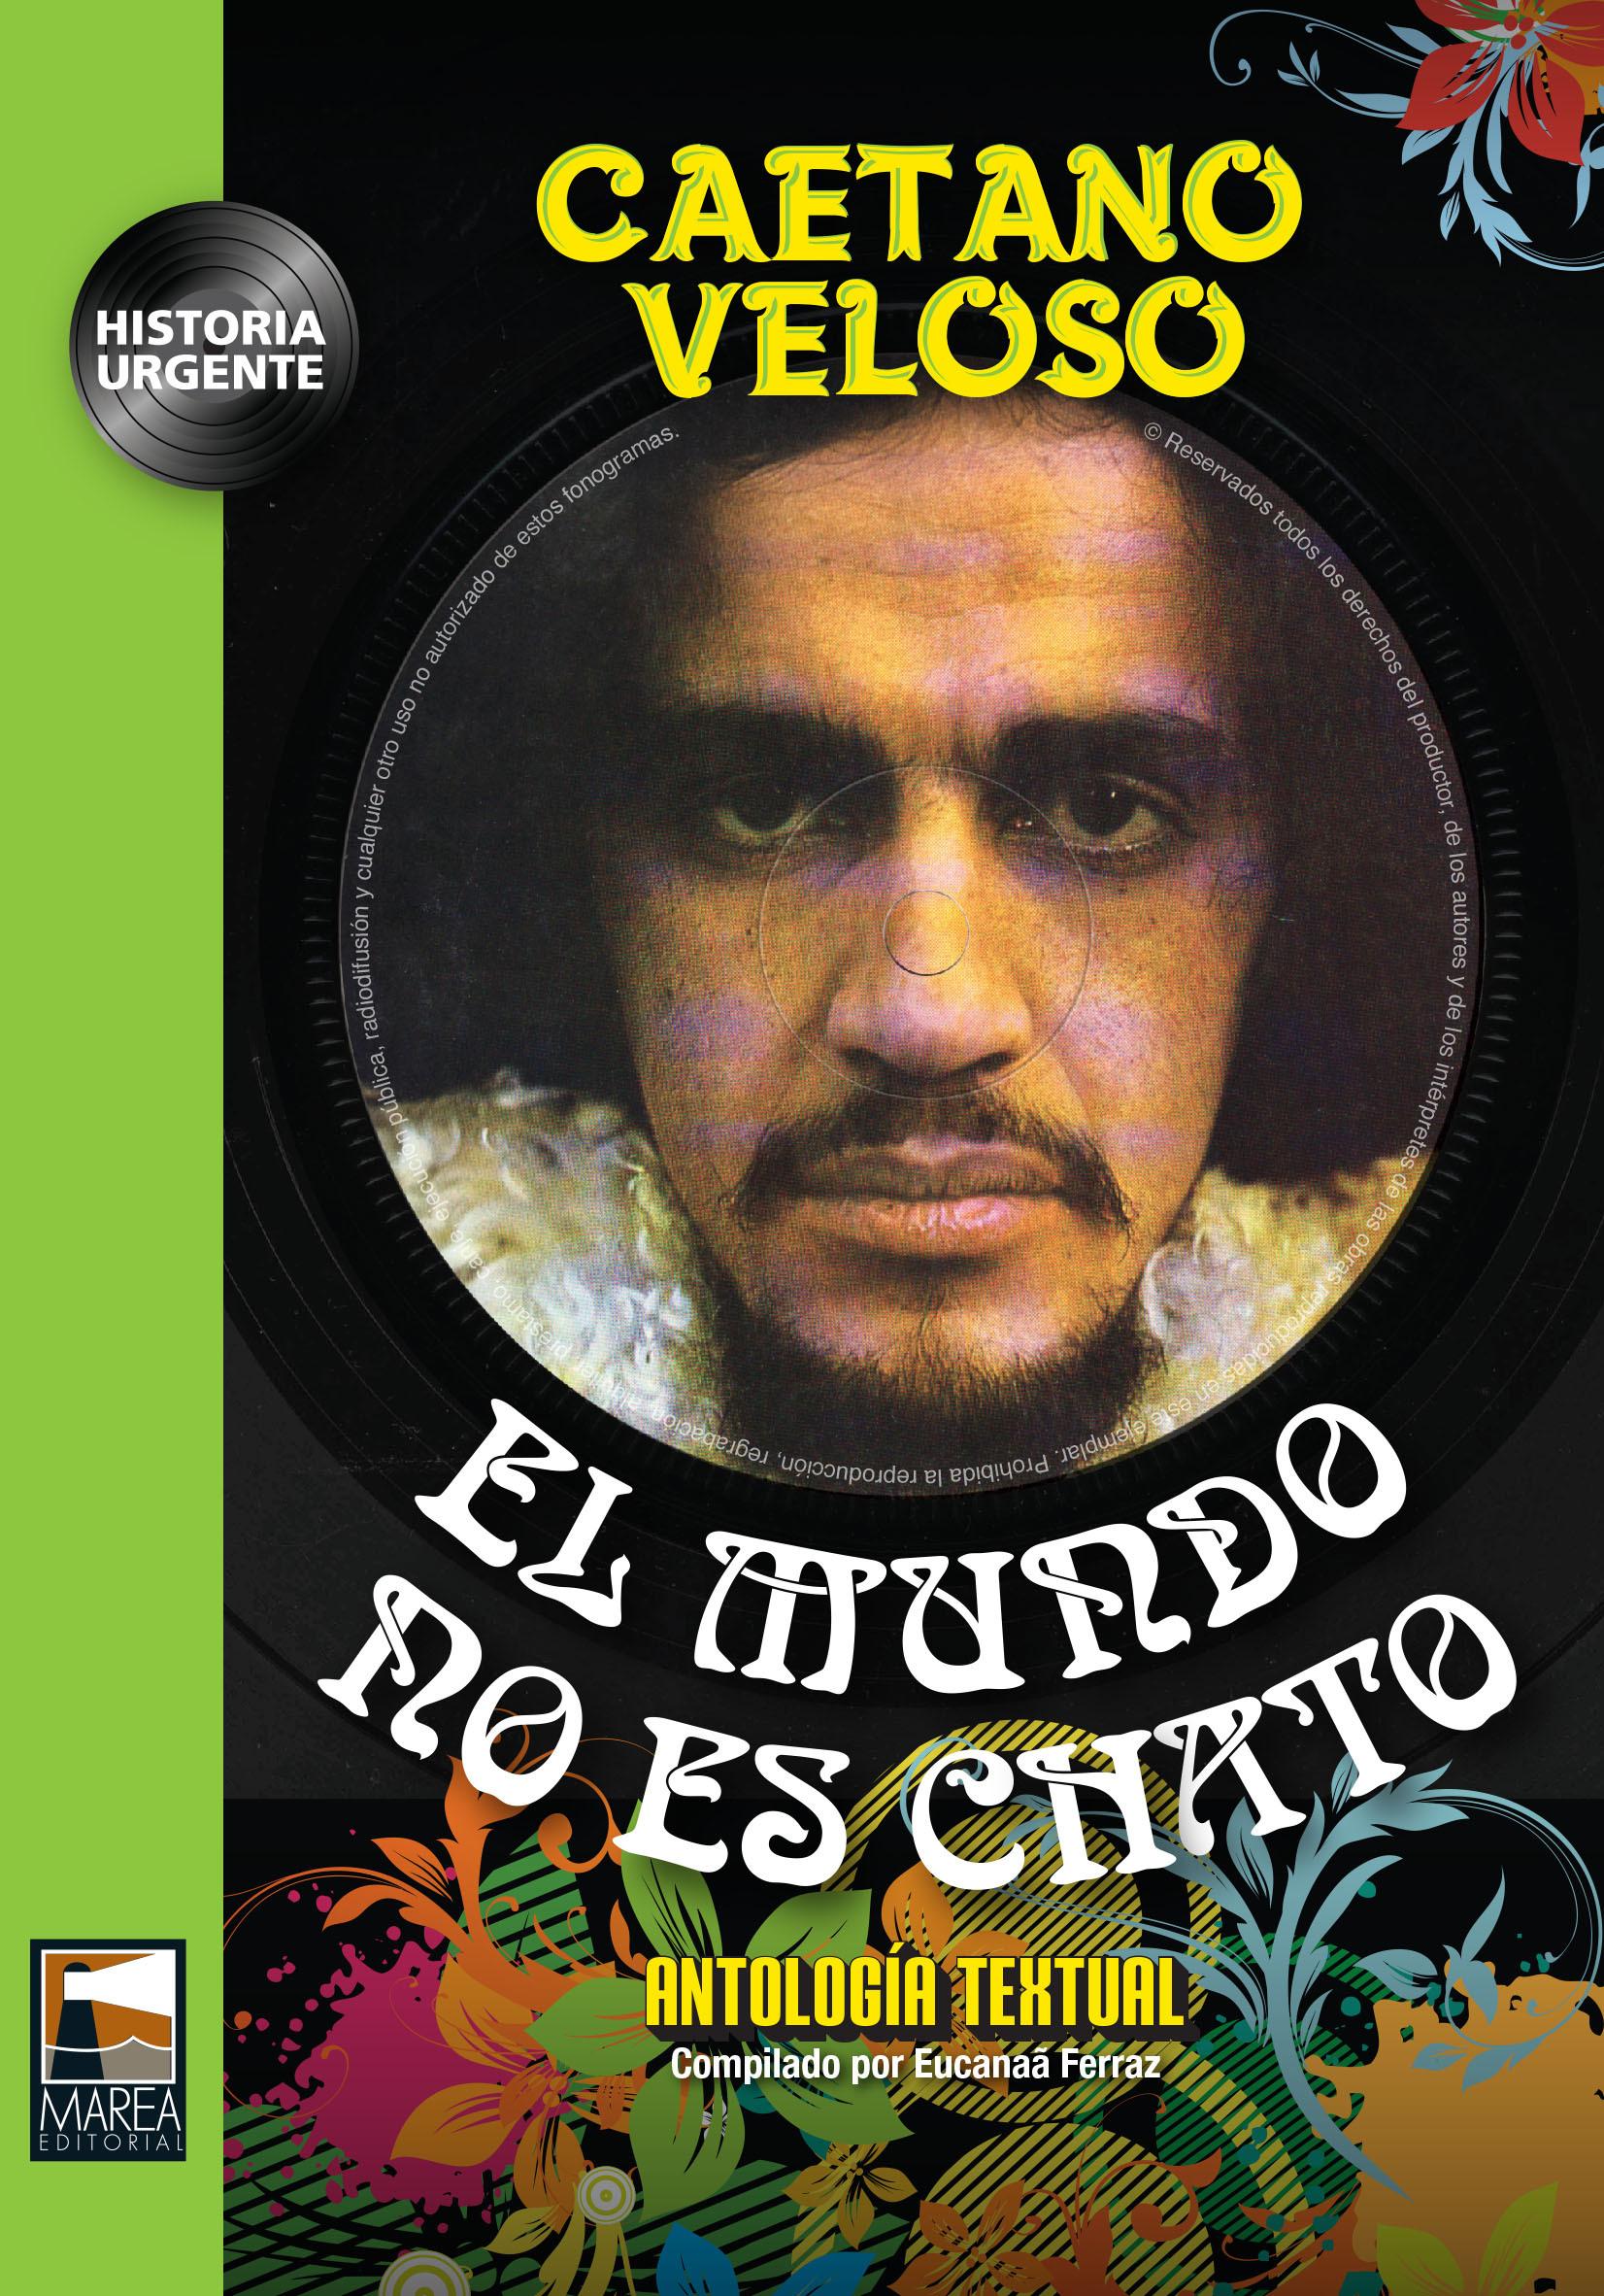 El mundo no es chato Caetano Veloso